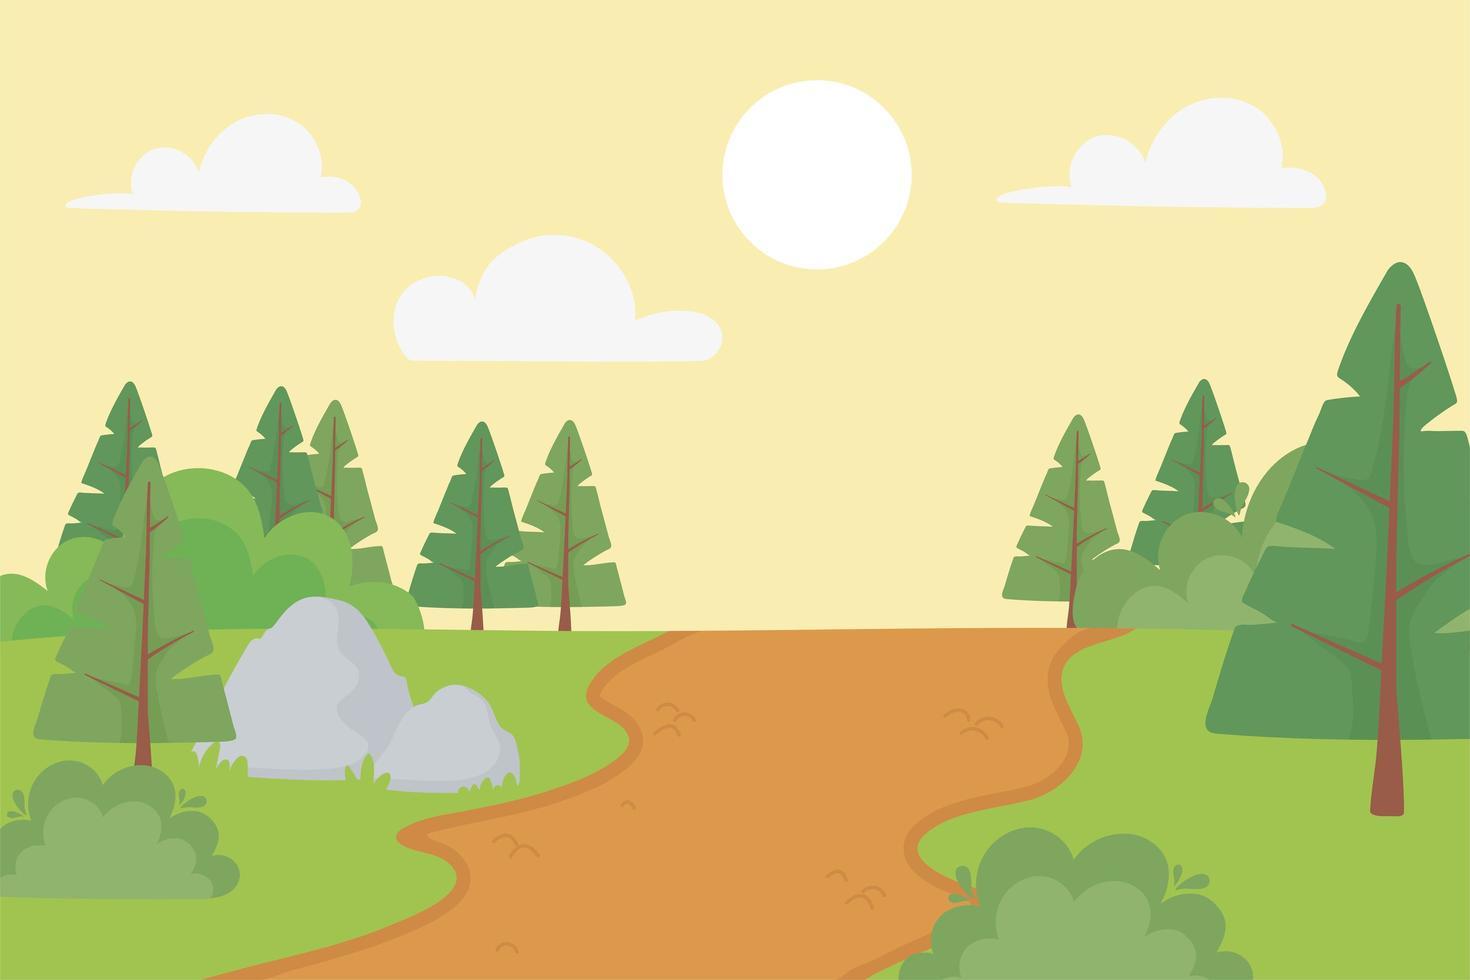 landschapspijnbomen, paden, stenen en struiken vector